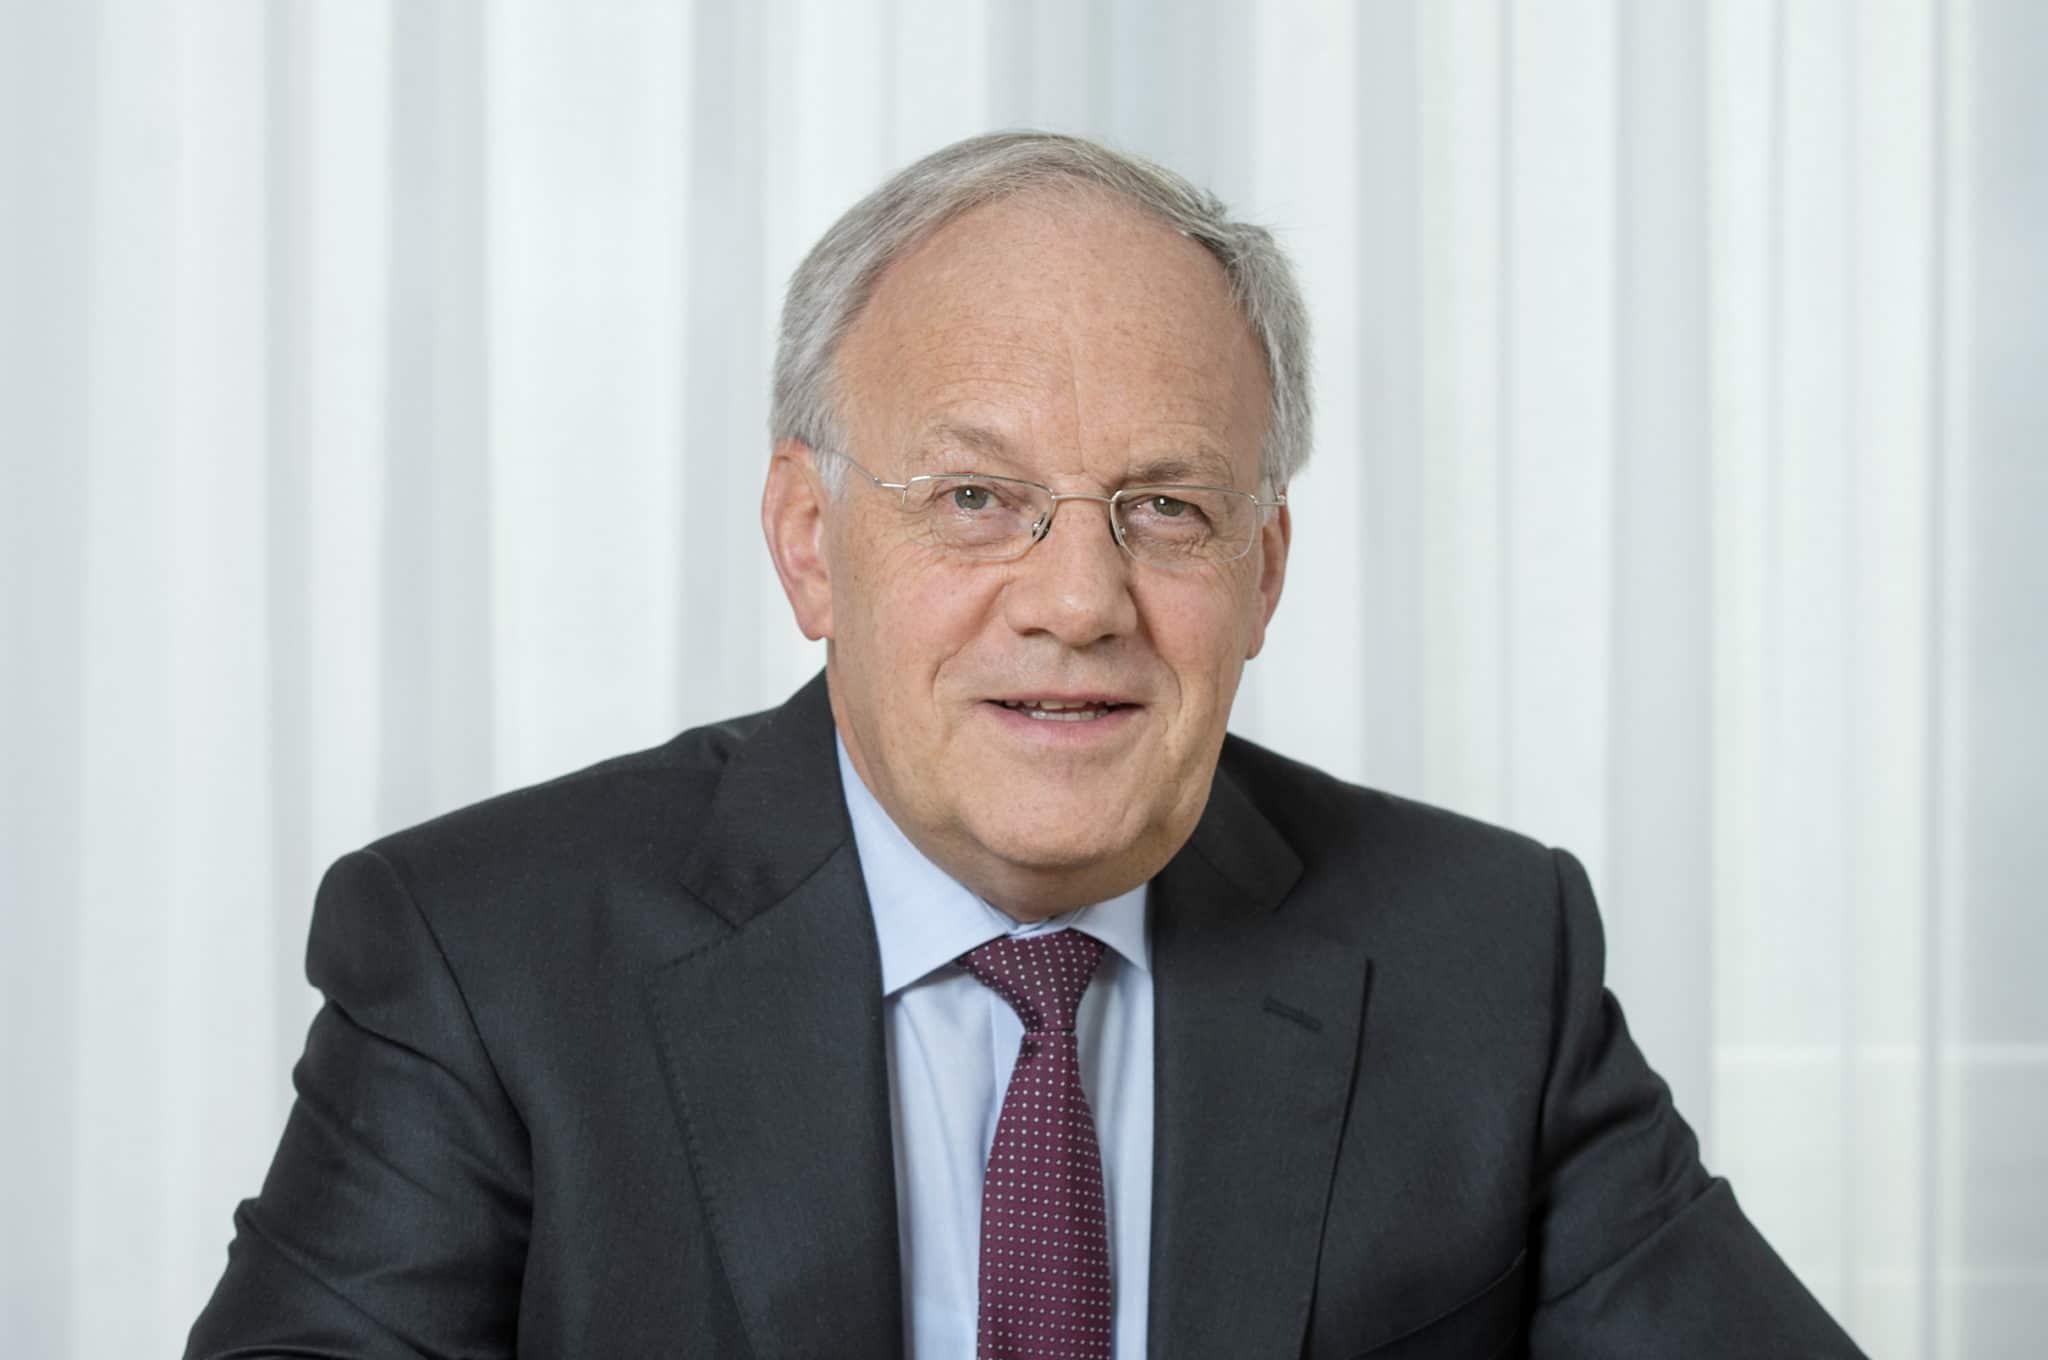 Schneider-Ammann